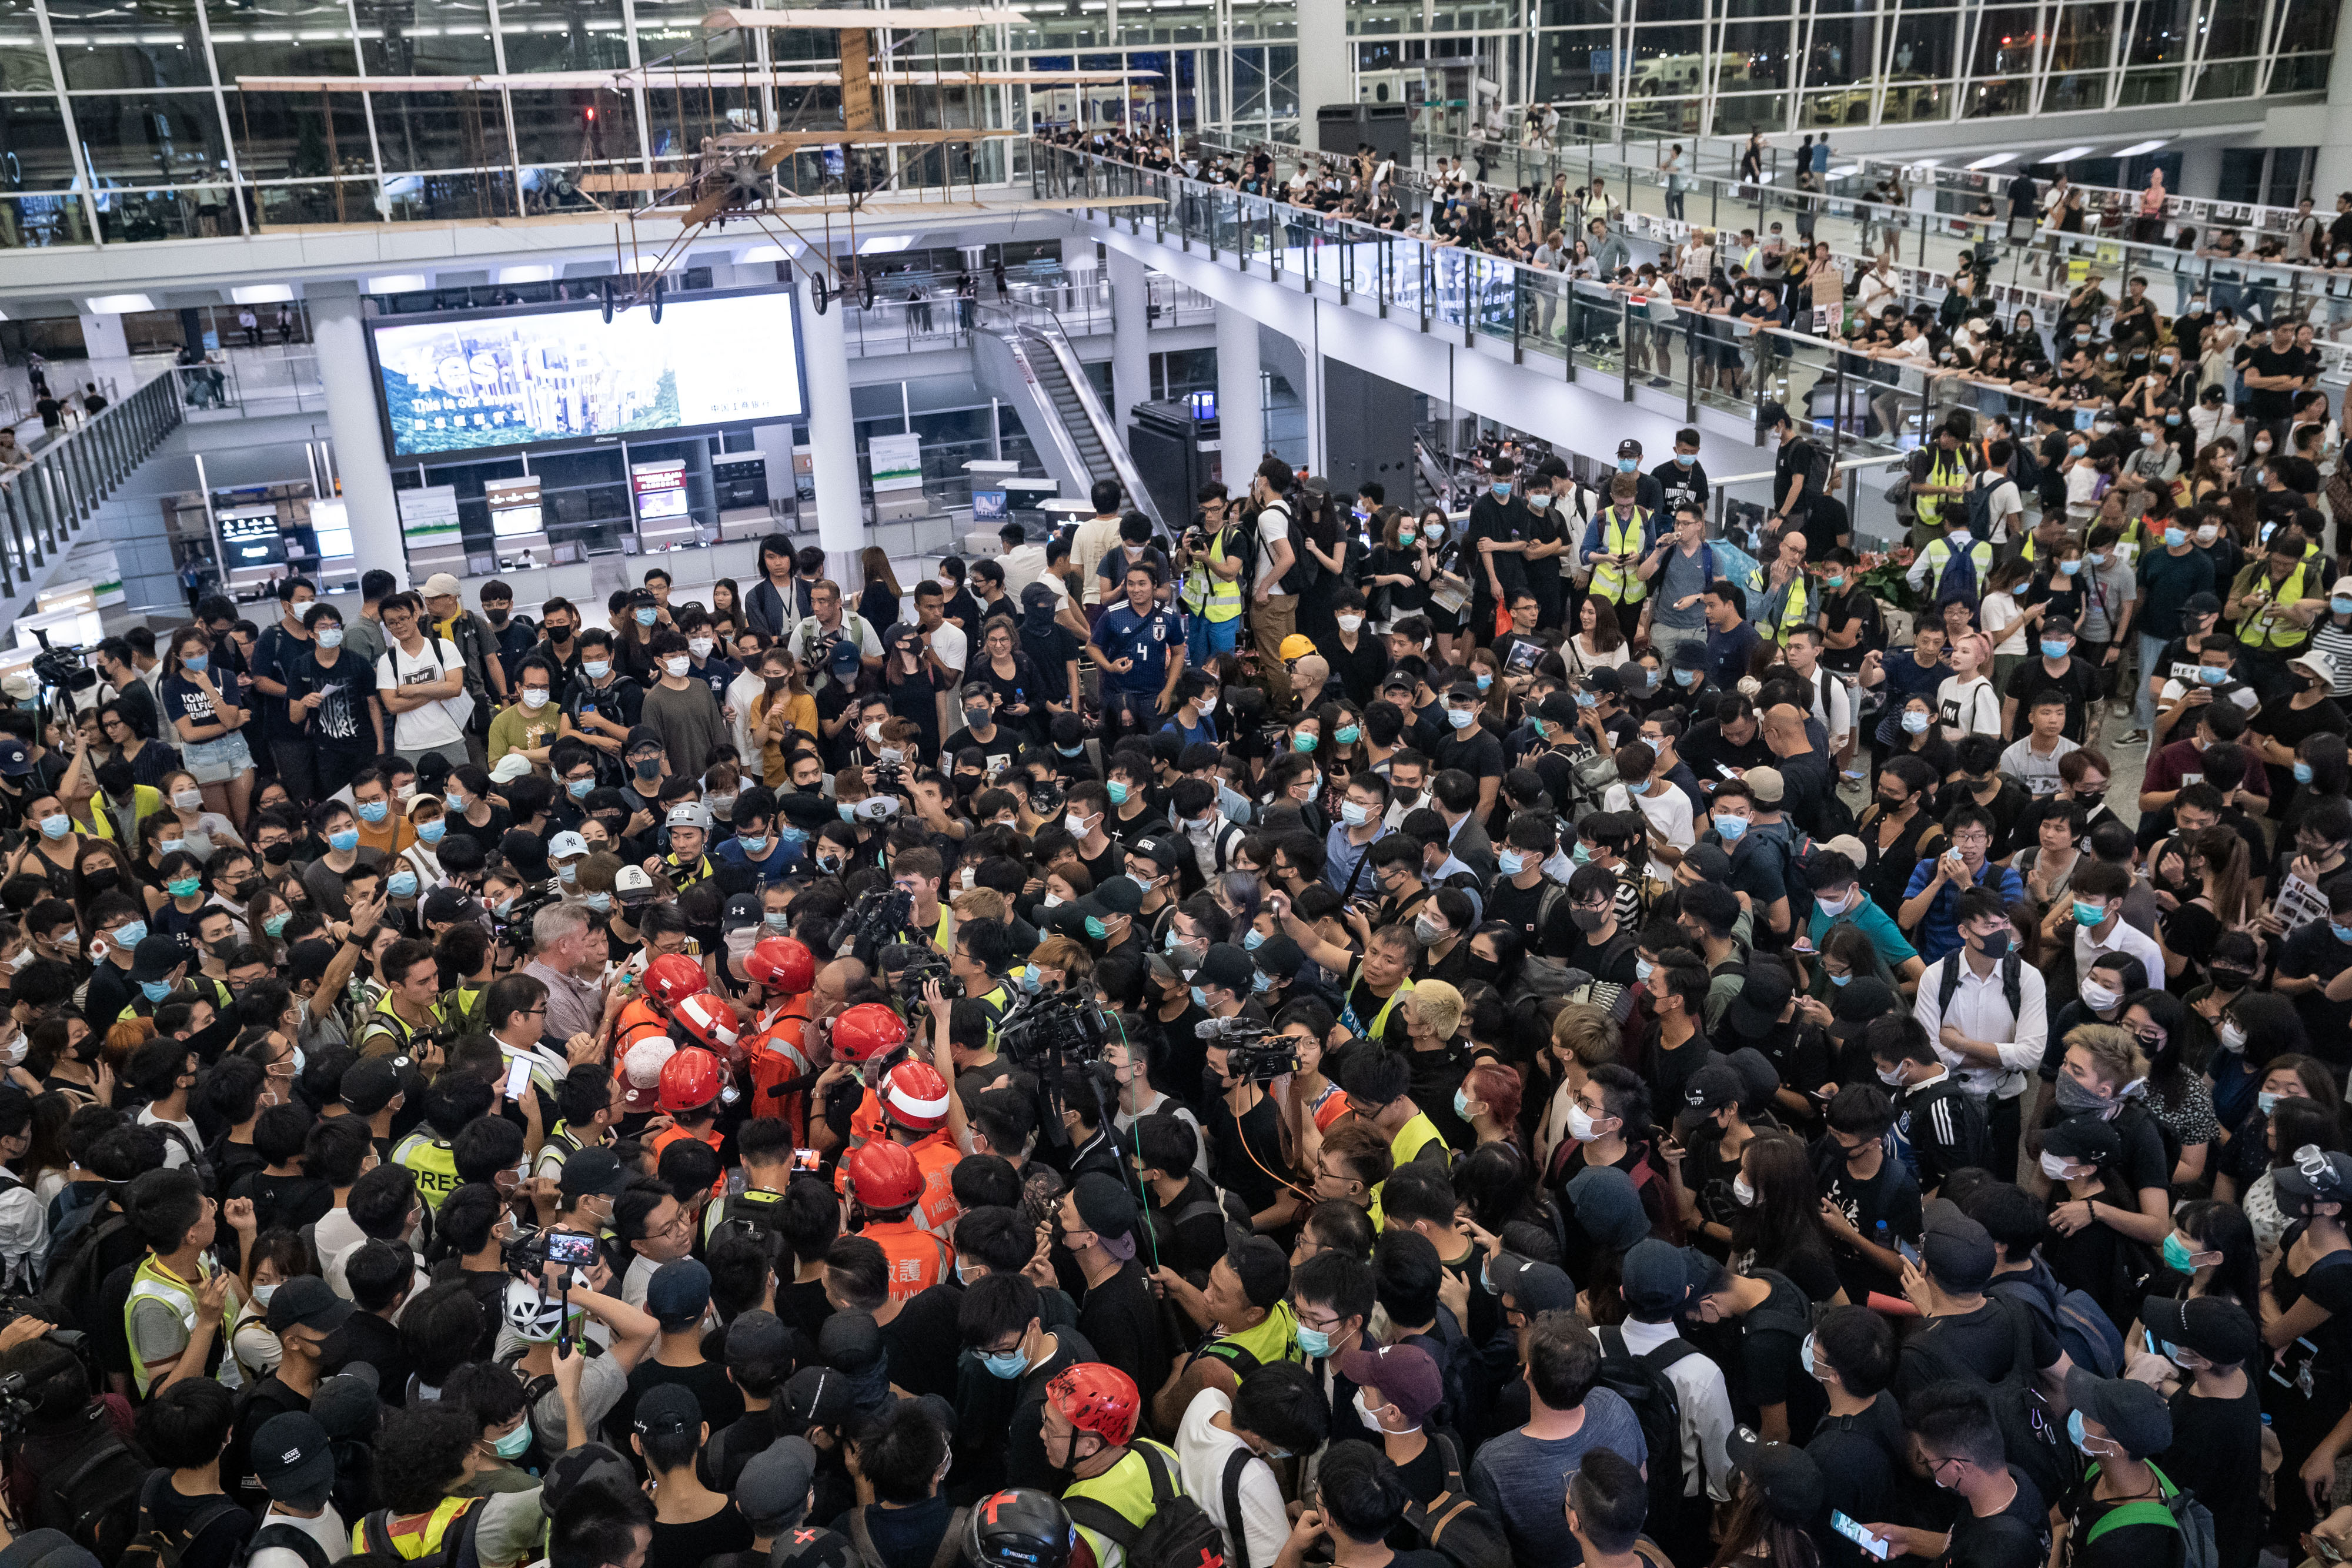 Multitudes de manifestantes en el Aeropuerto Internacional de Hong Kong durante una manifestación el 13 de agosto de 2019.